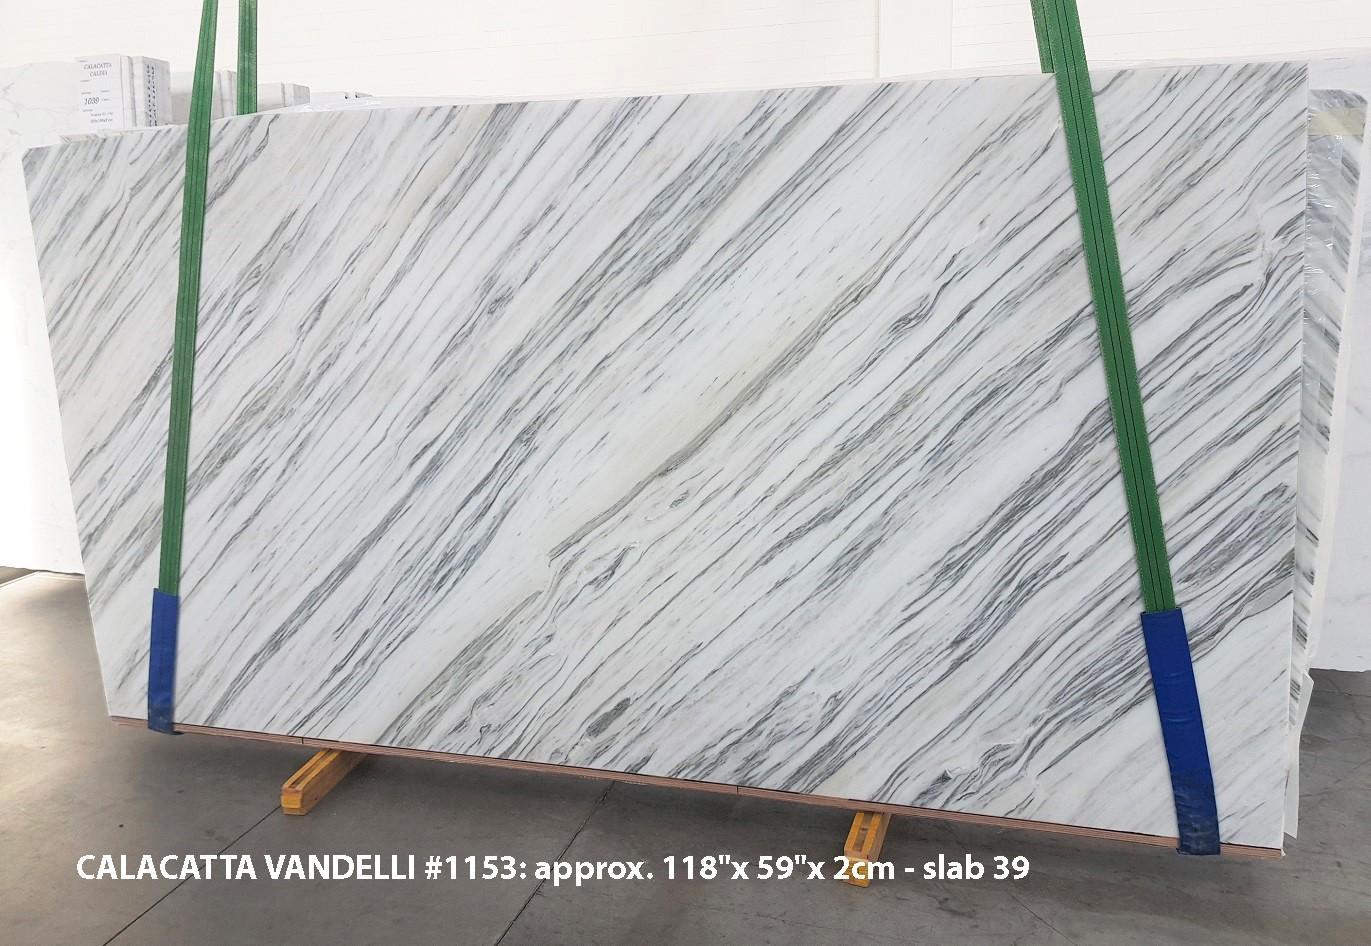 Calacatta Vandelli Fornitura Veneto (Italia) di lastre grezze lucide in marmo naturale 1153 , Slab #39